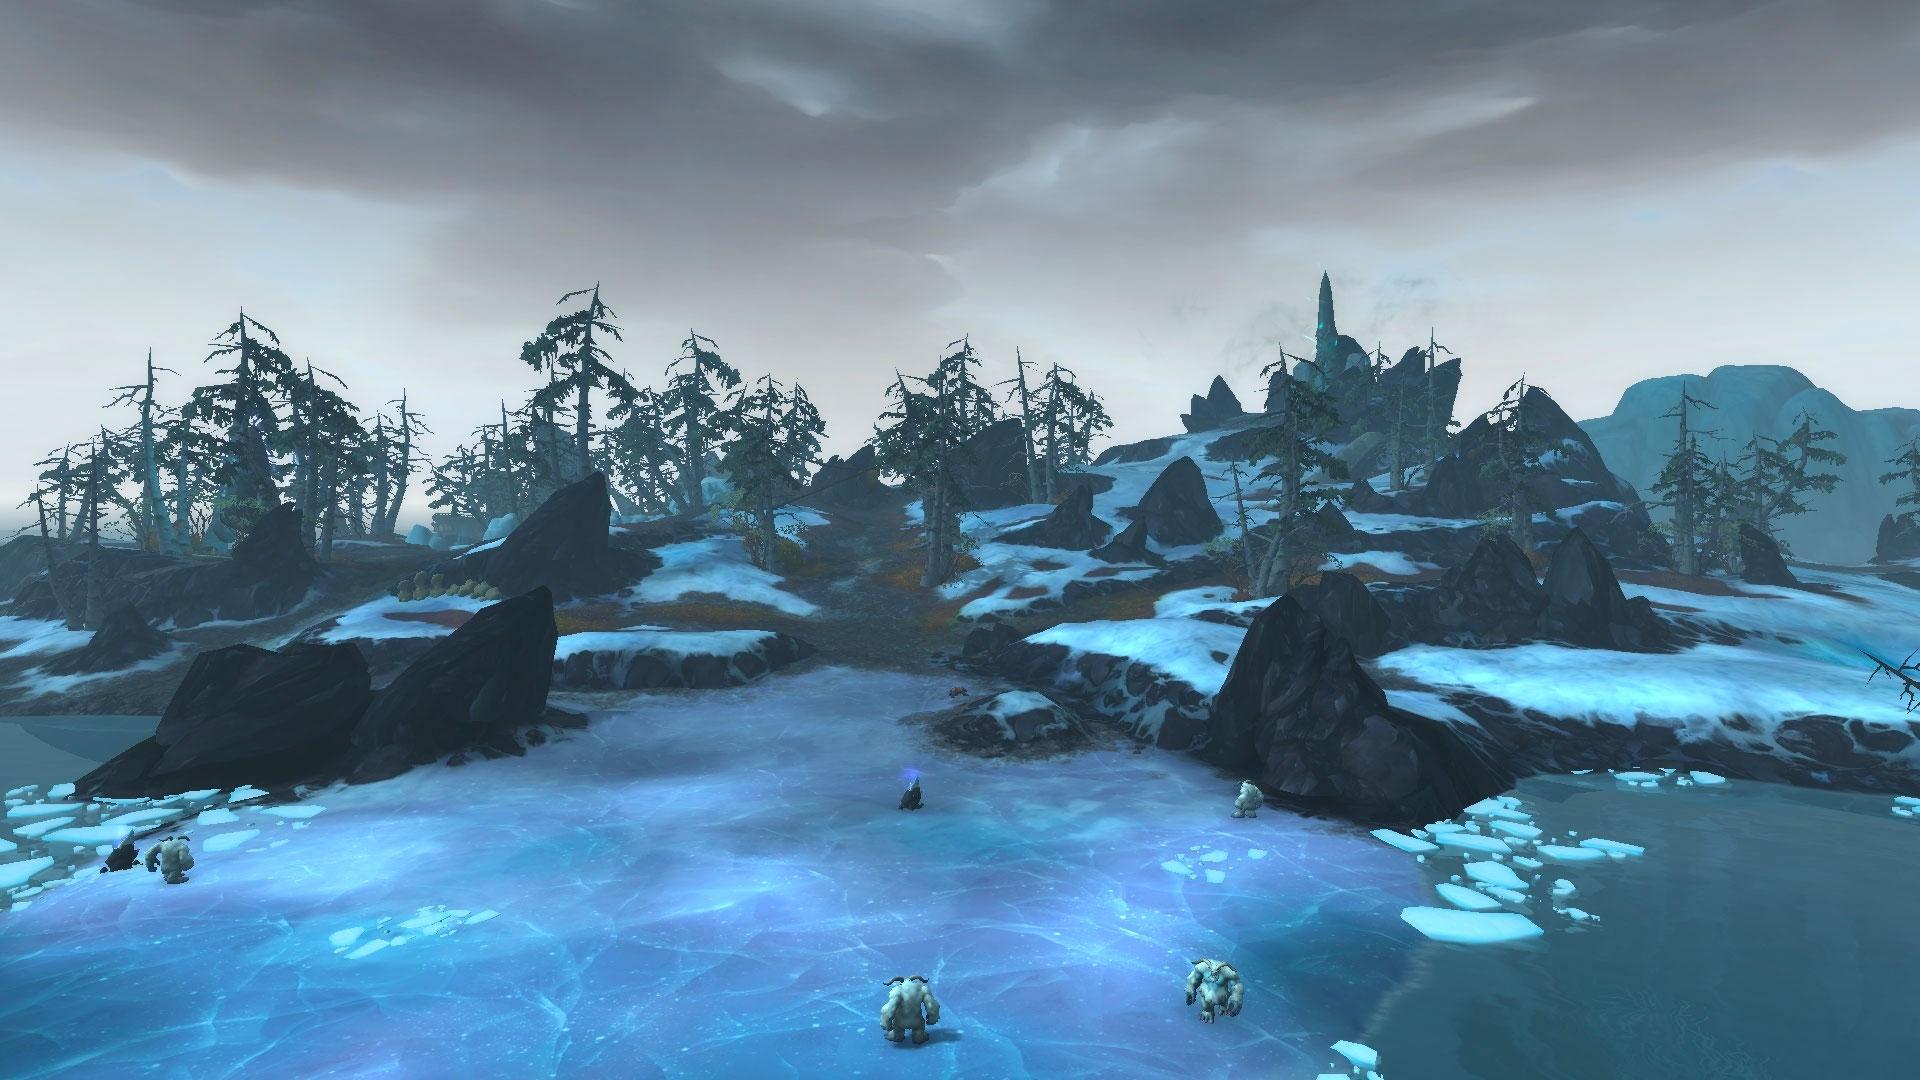 Les berges de l'effroi sont couvertes de neige